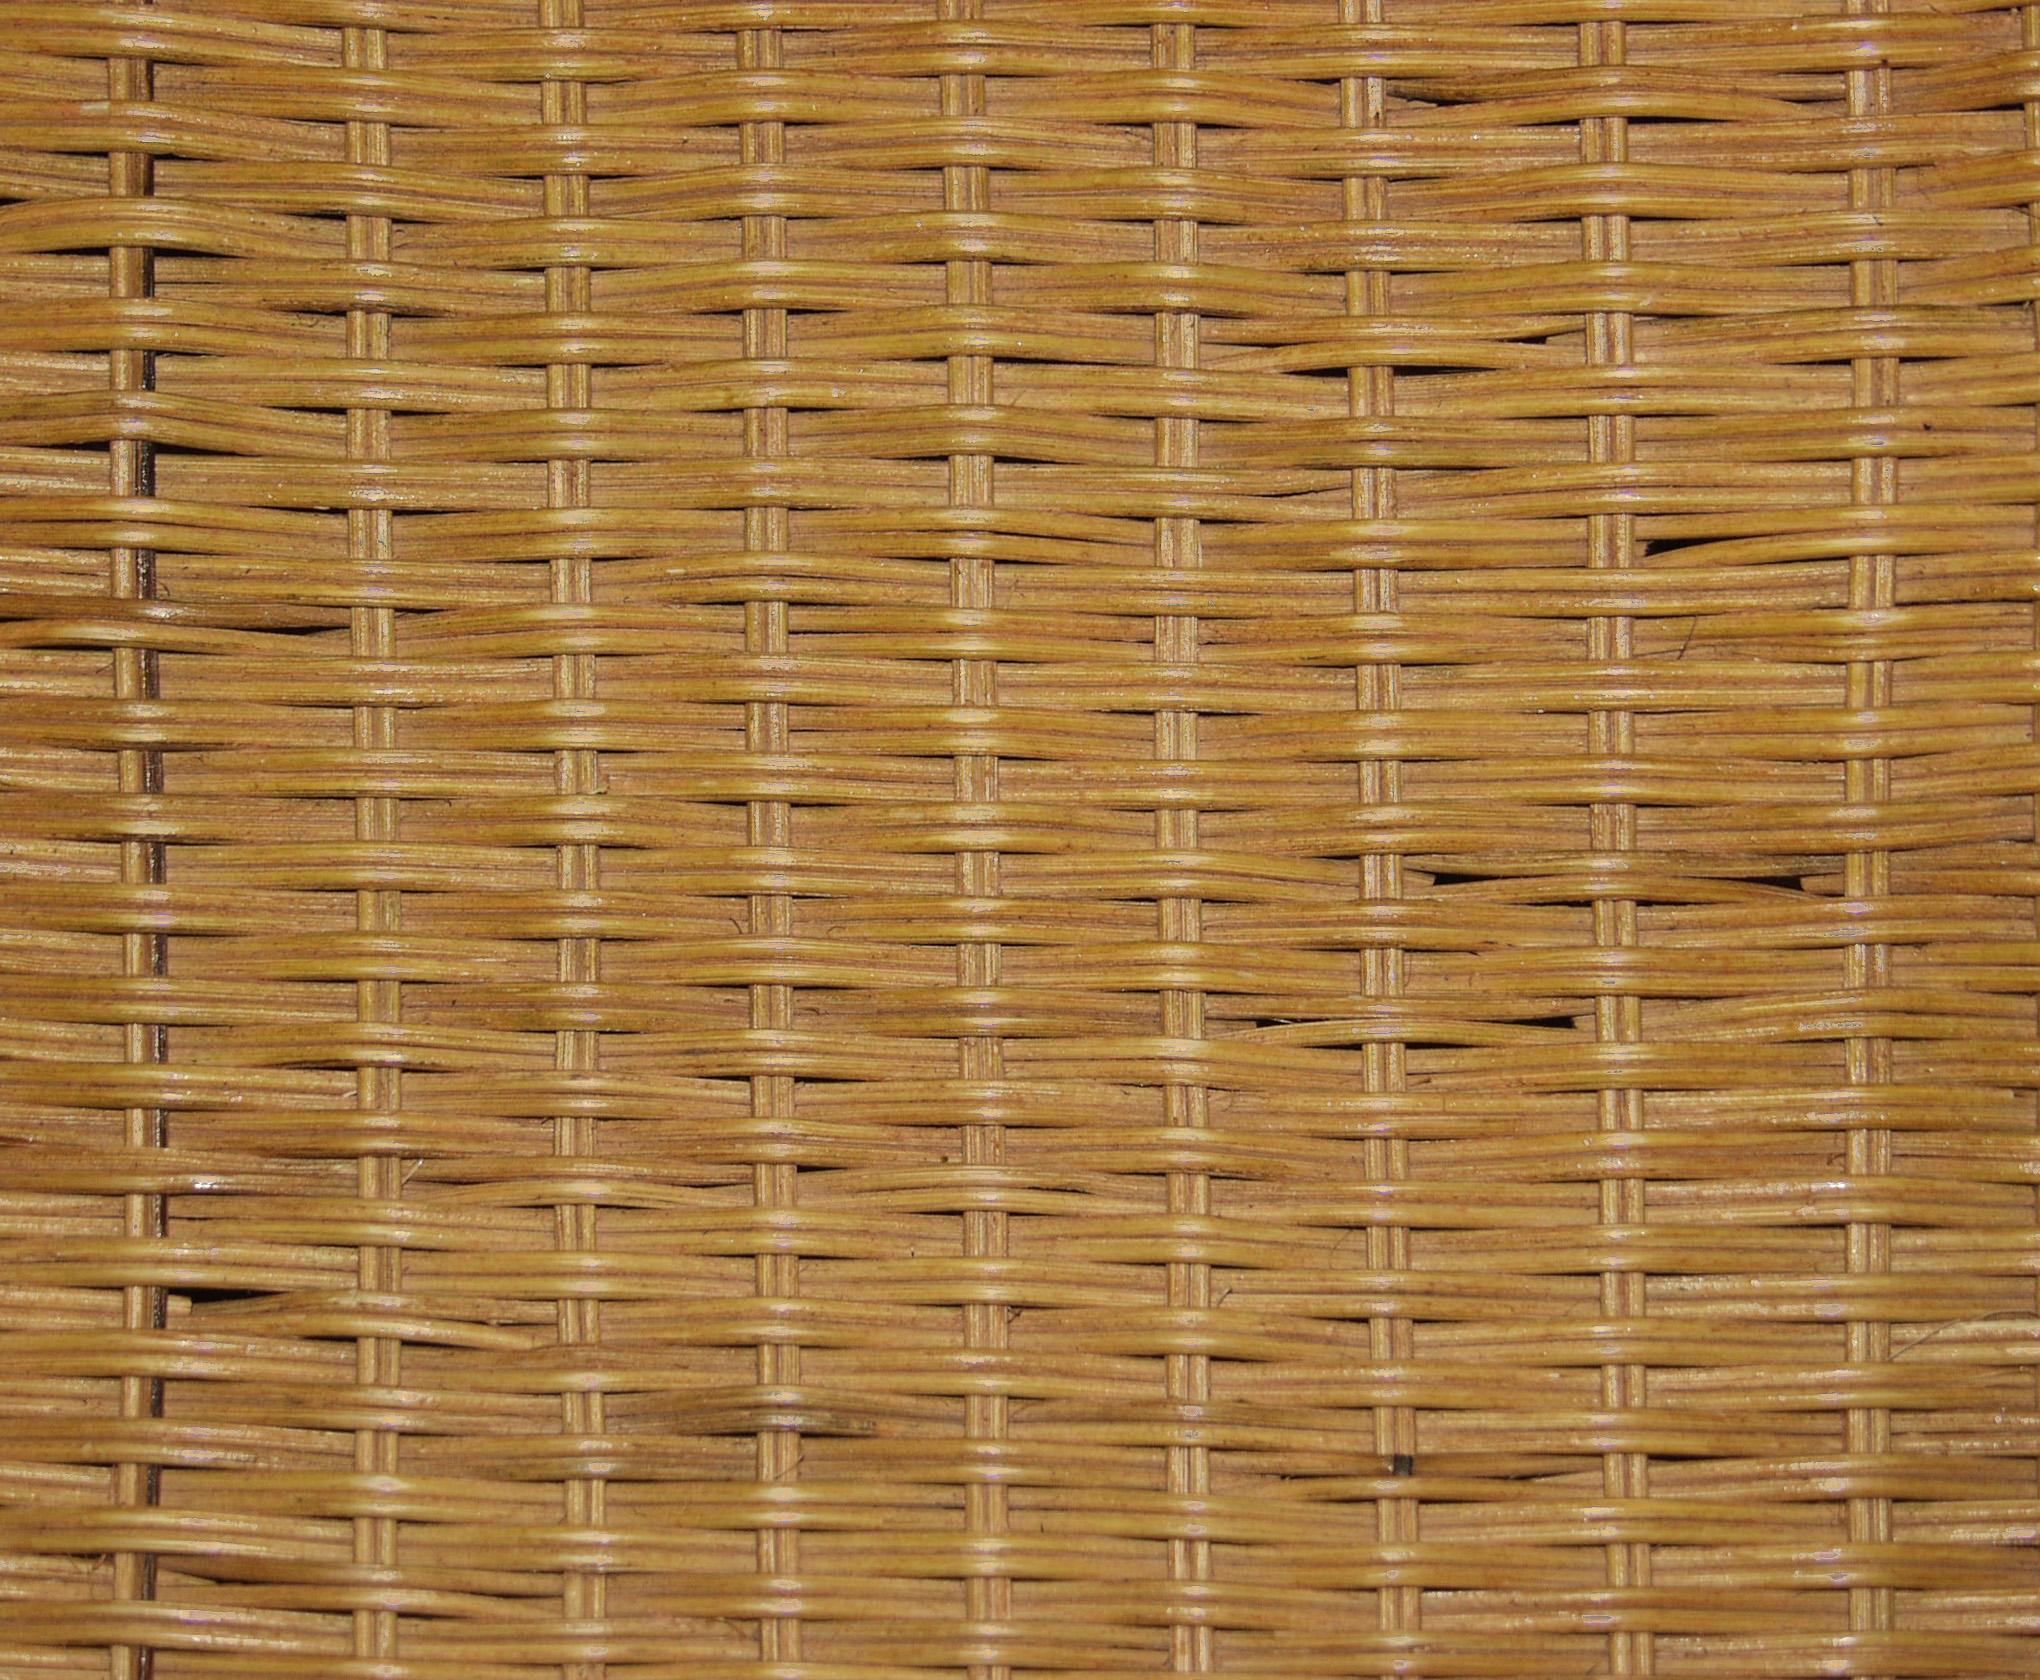 木材-编制品(8)